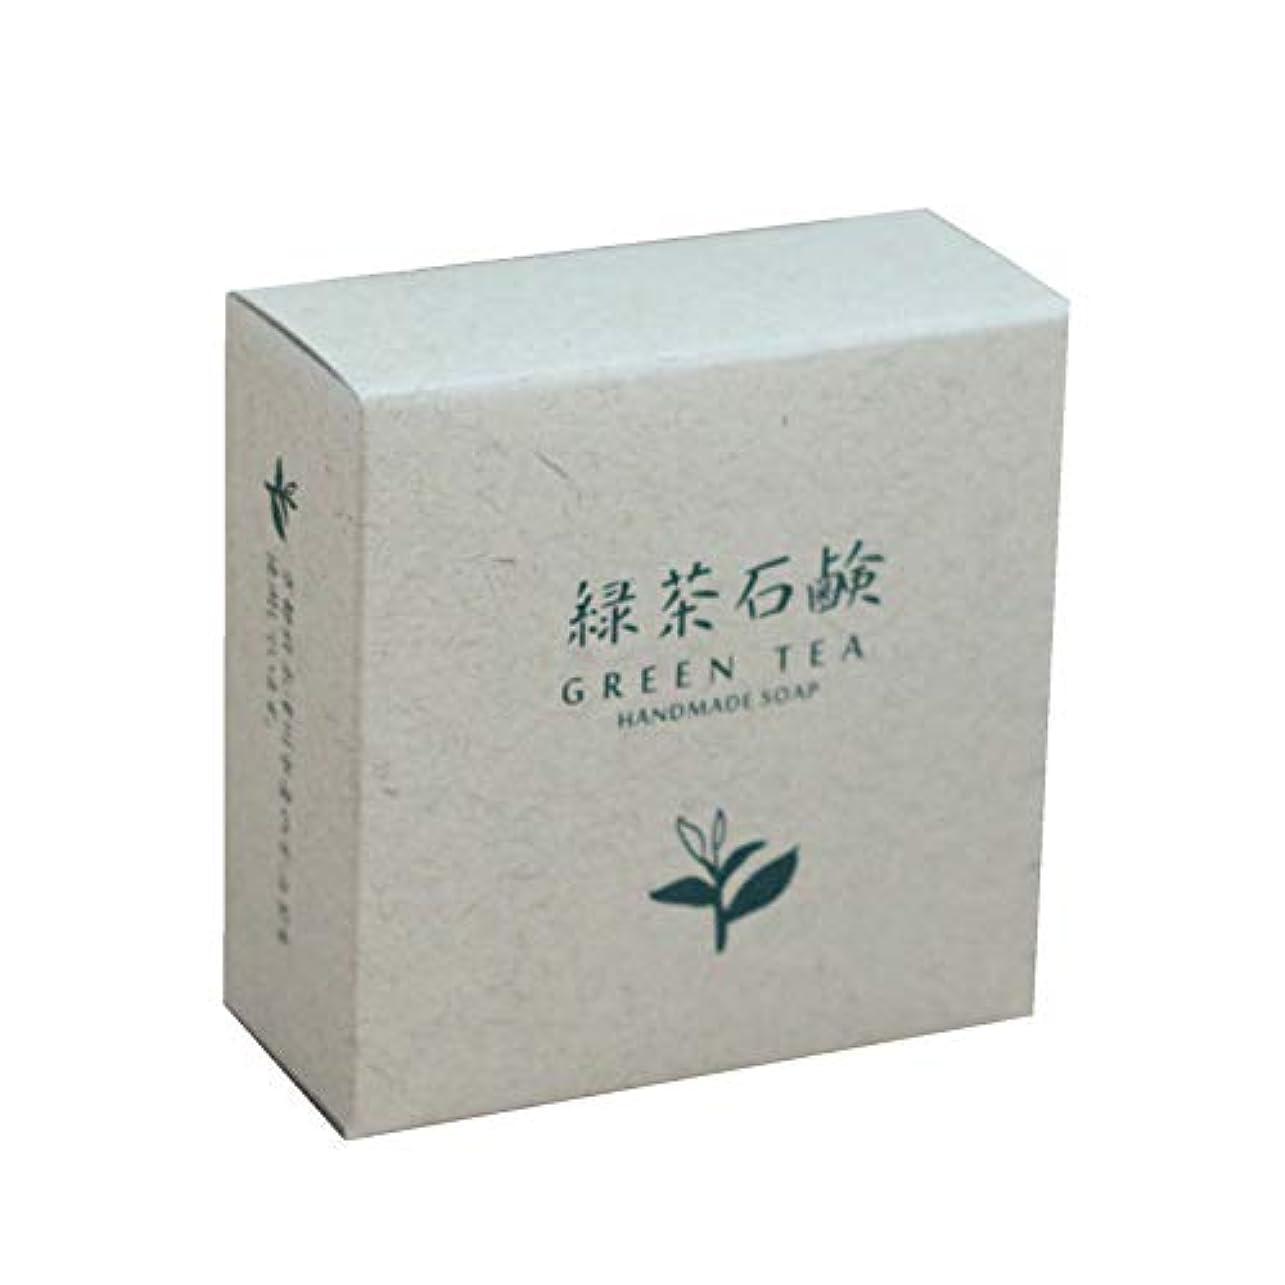 花火生城緑茶石鹸